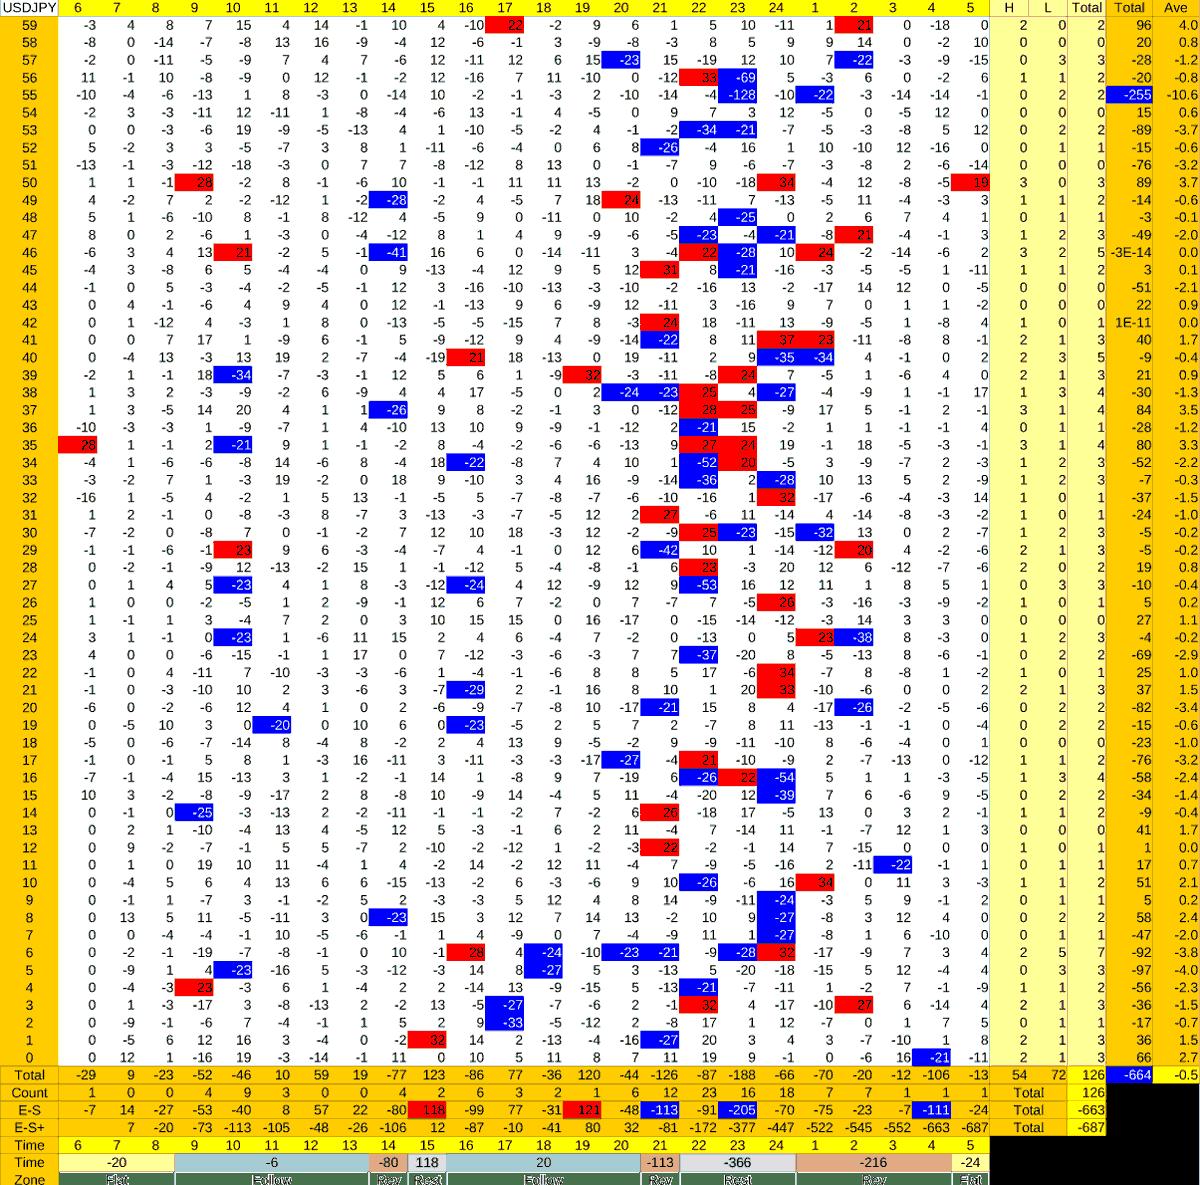 20210930_HS(1)USDJPY-min